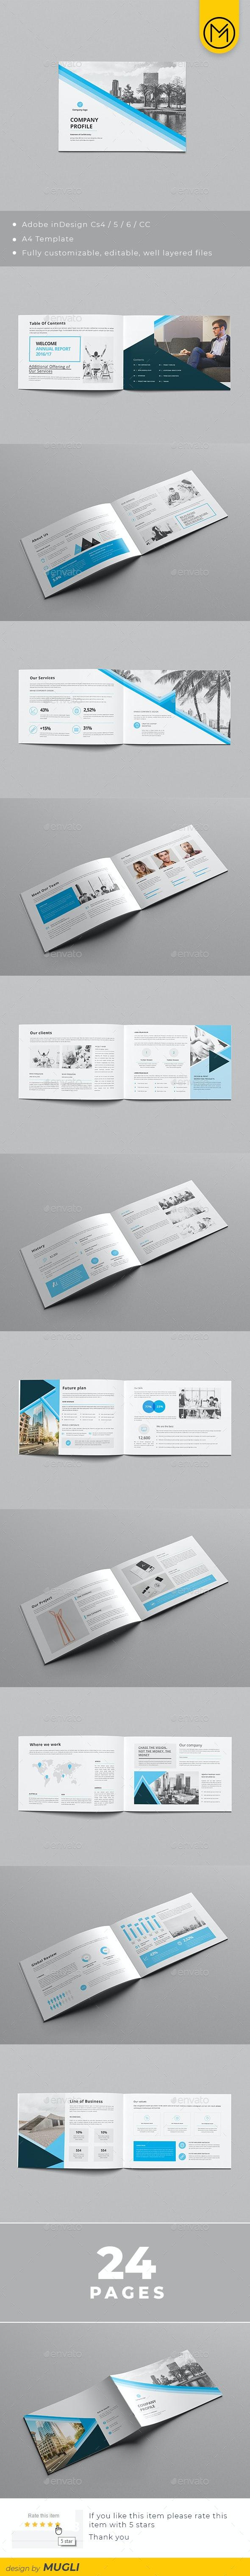 Landscape Corporate Brochure - Corporate Brochures